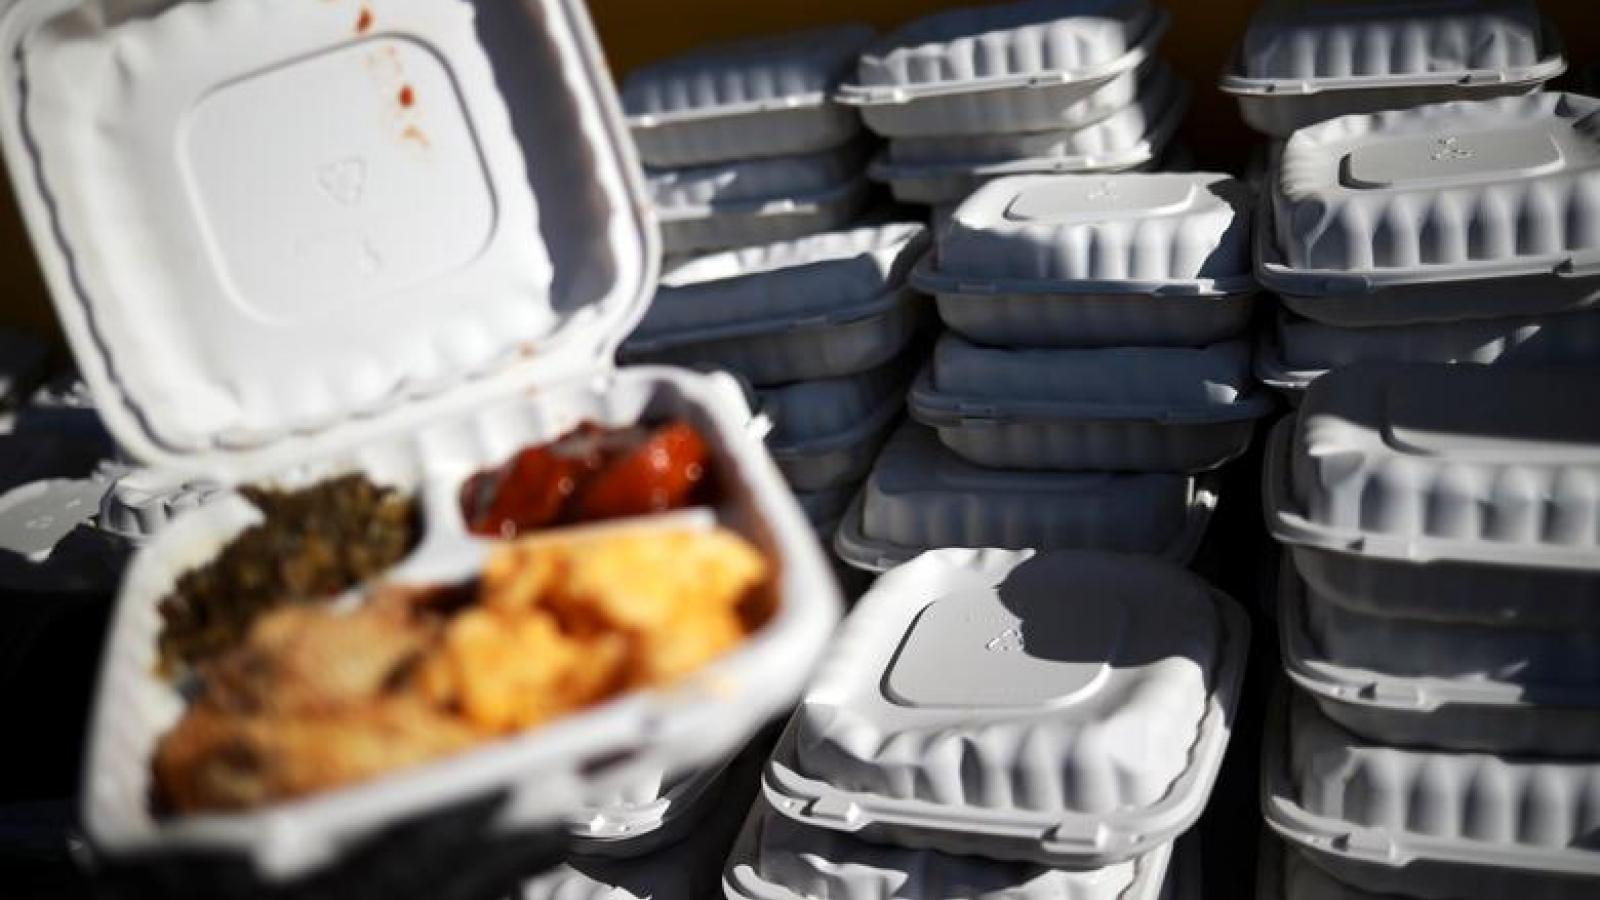 Nhiều gia đình nghèo ở Mỹ đang cạn dần lương thực